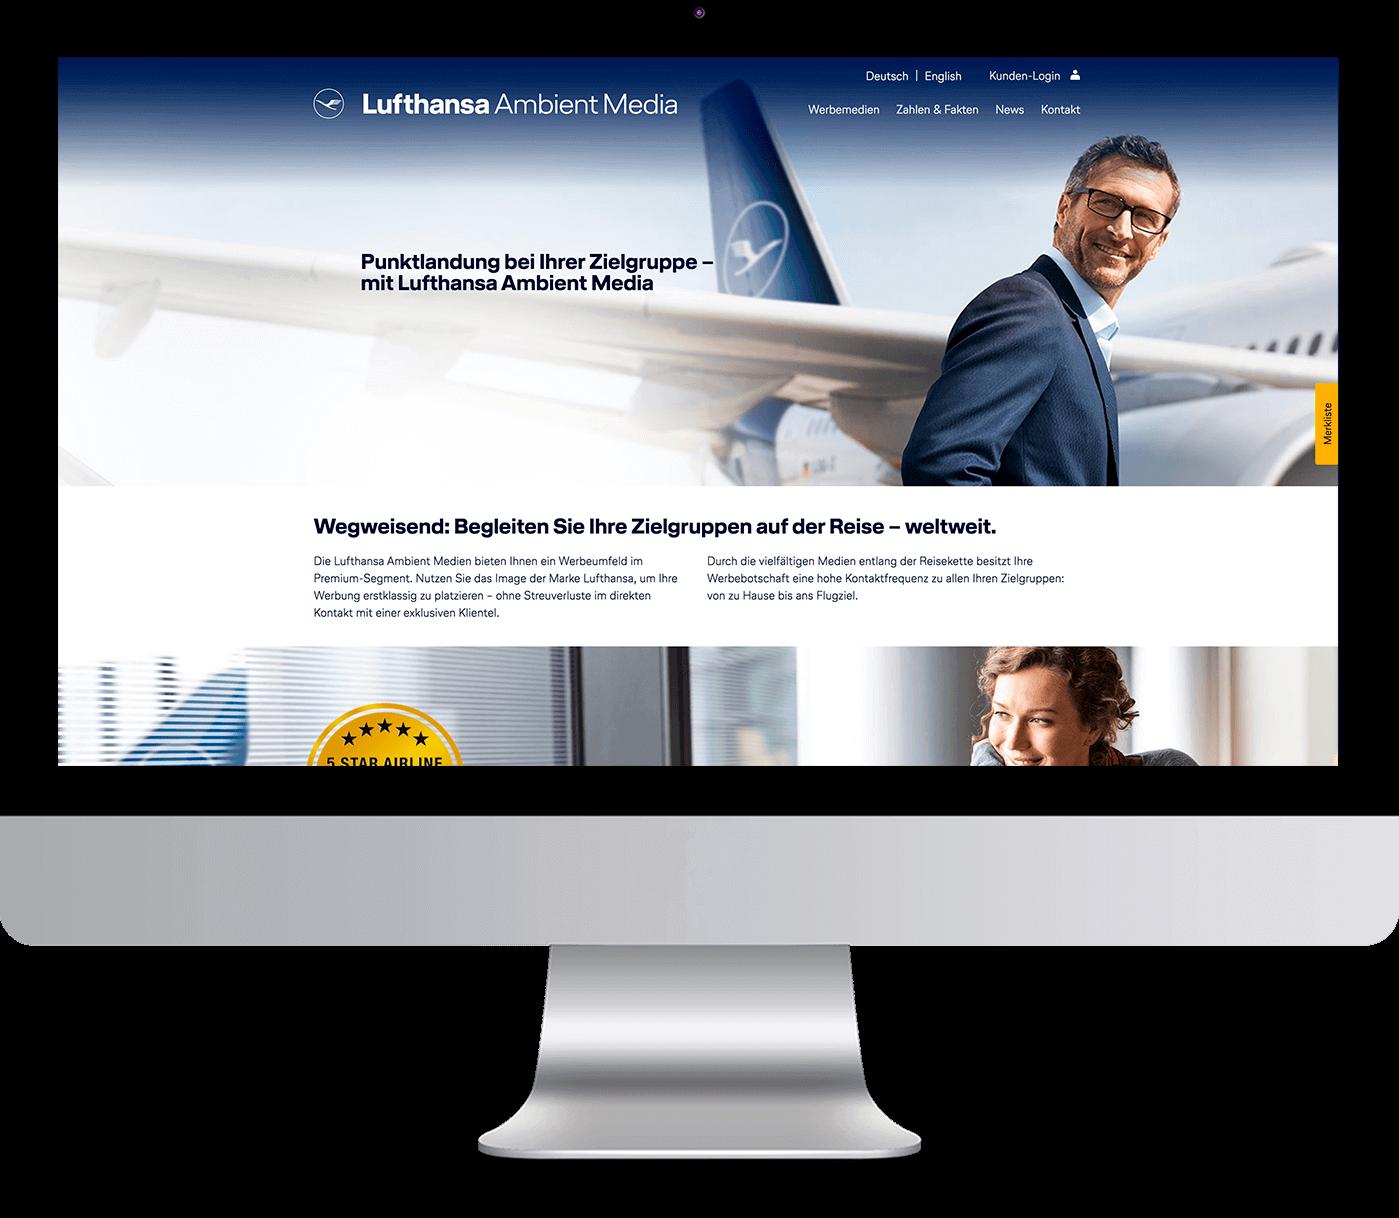 REINGOLD realisierte für Lufthansa Ambient Media das umfangreiche CRM-Frontend in Form eines komfortablen Buchungsportals.